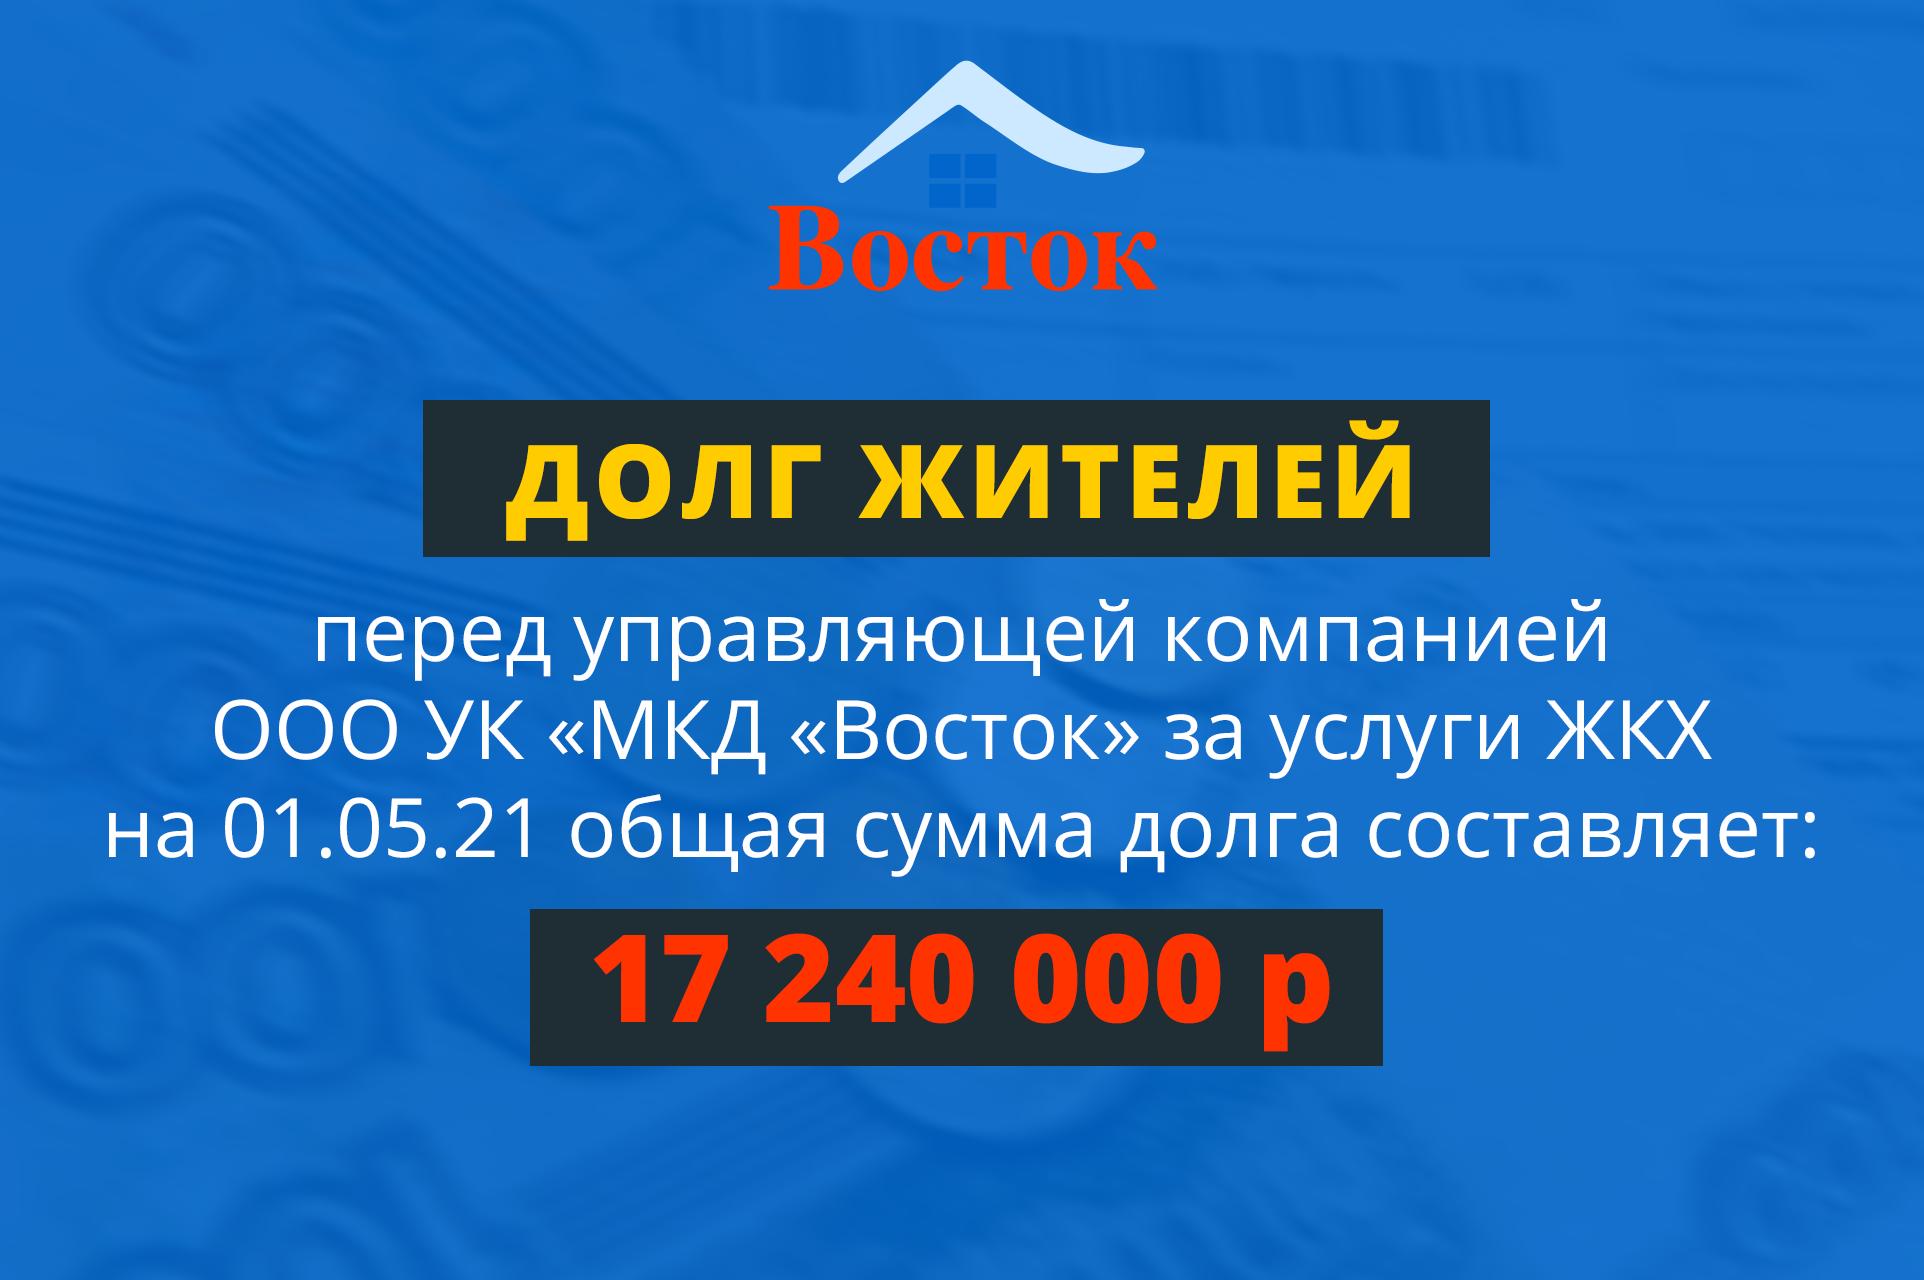 Задолженность жителей Красноармейска за услуги ЖКХ перед управляющей компанией МКД «Восток» составляют 17 240 000 рублей